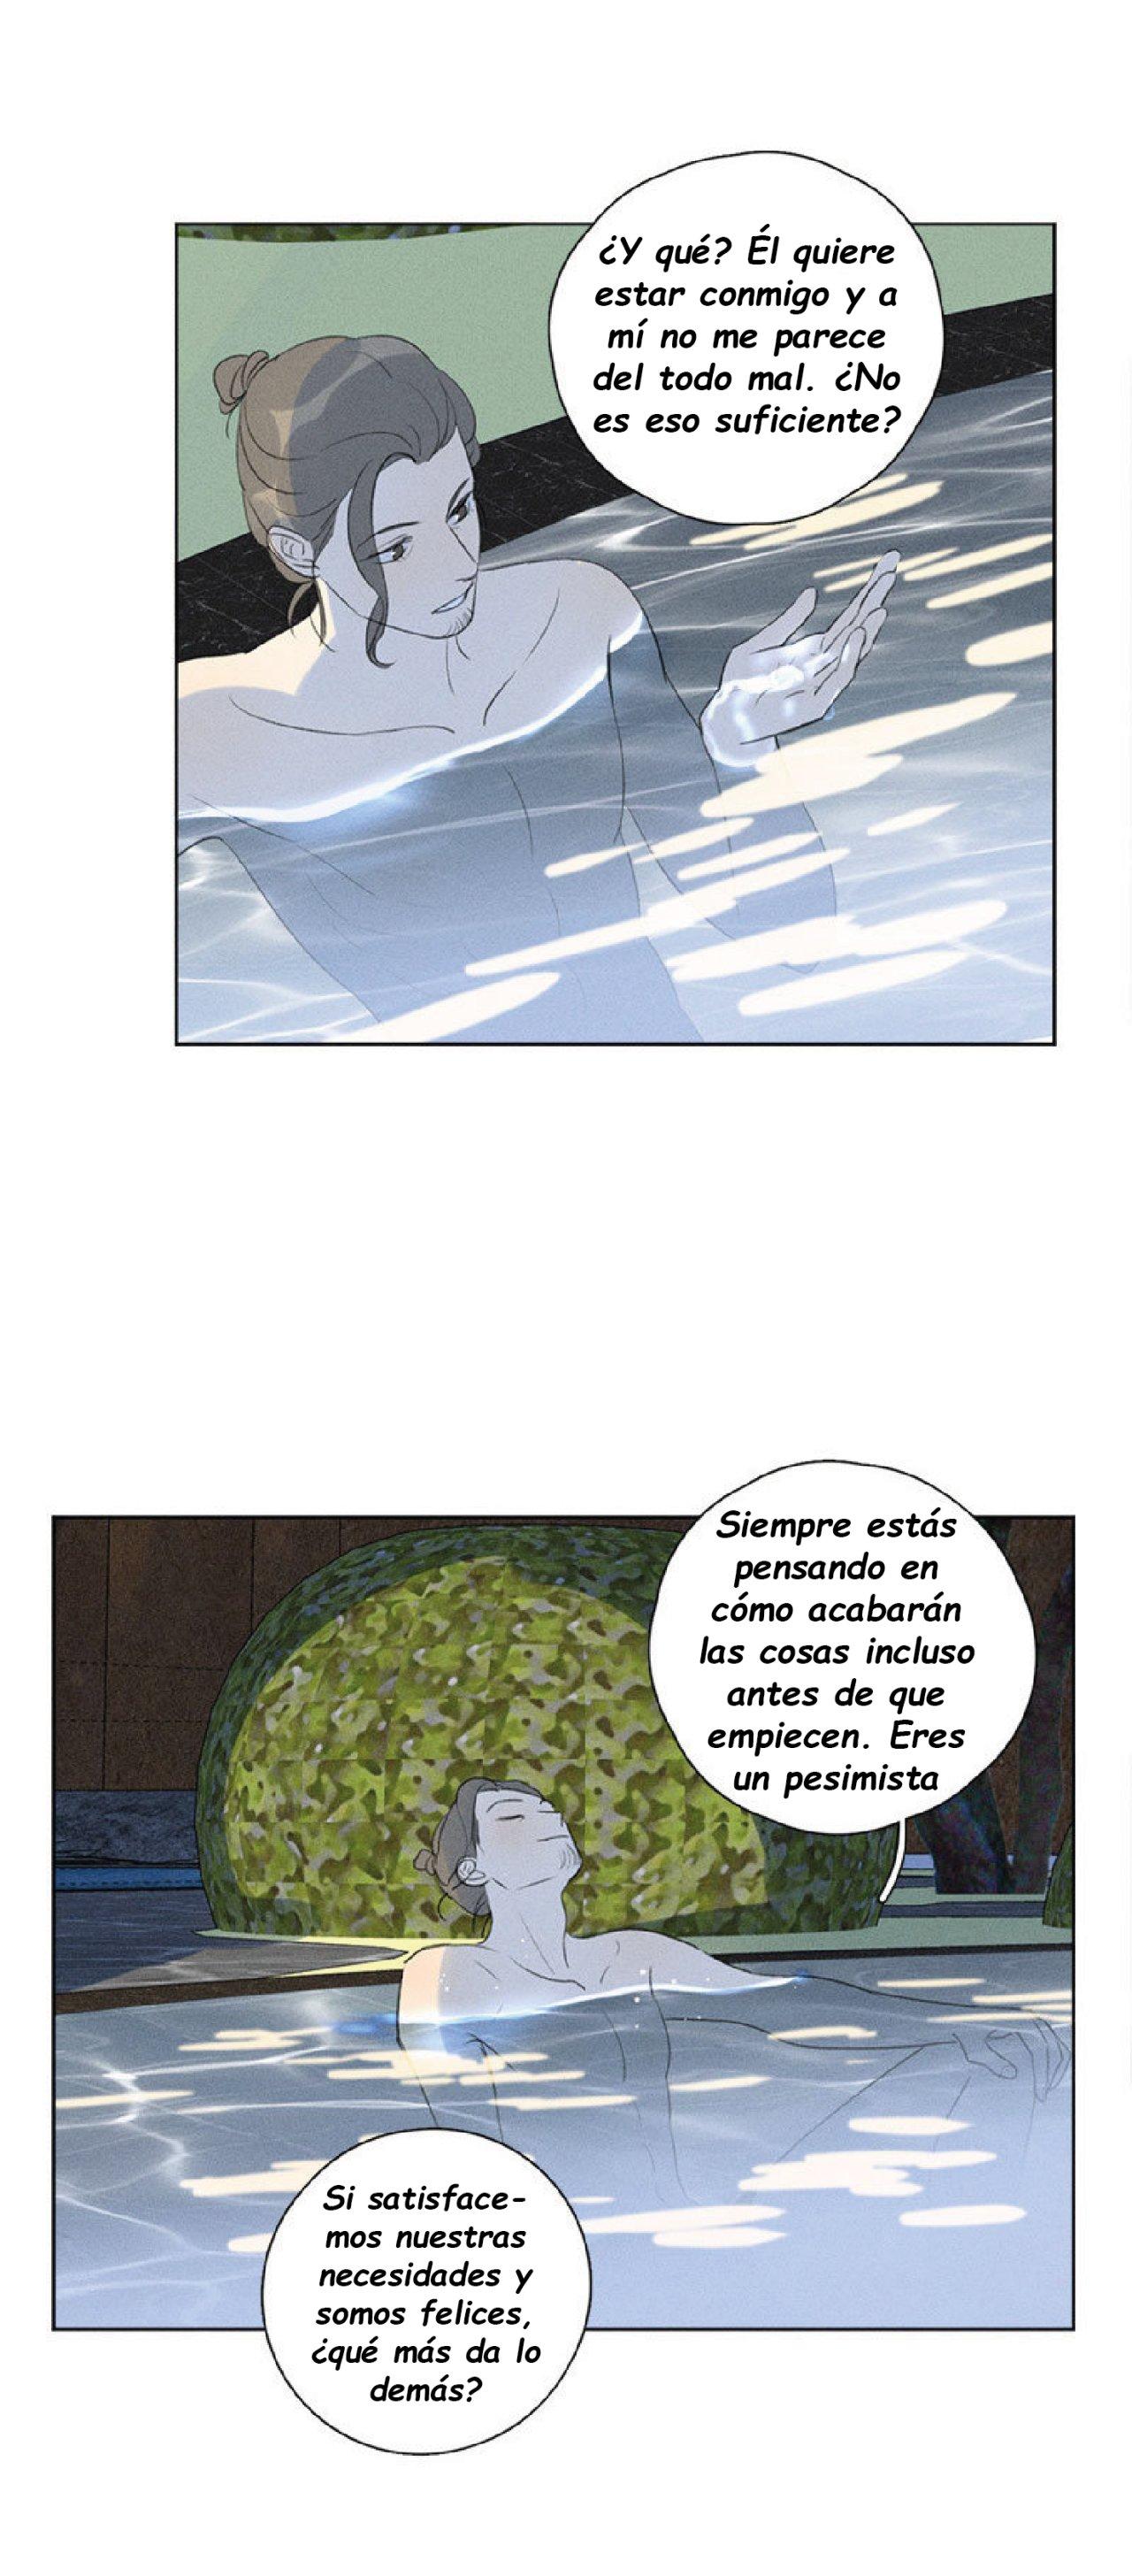 https://nine.mangadogs.com/es_manga/pic8/29/24925/957375/503440008c1a25ad5ad968c1458533bc.jpg Page 8